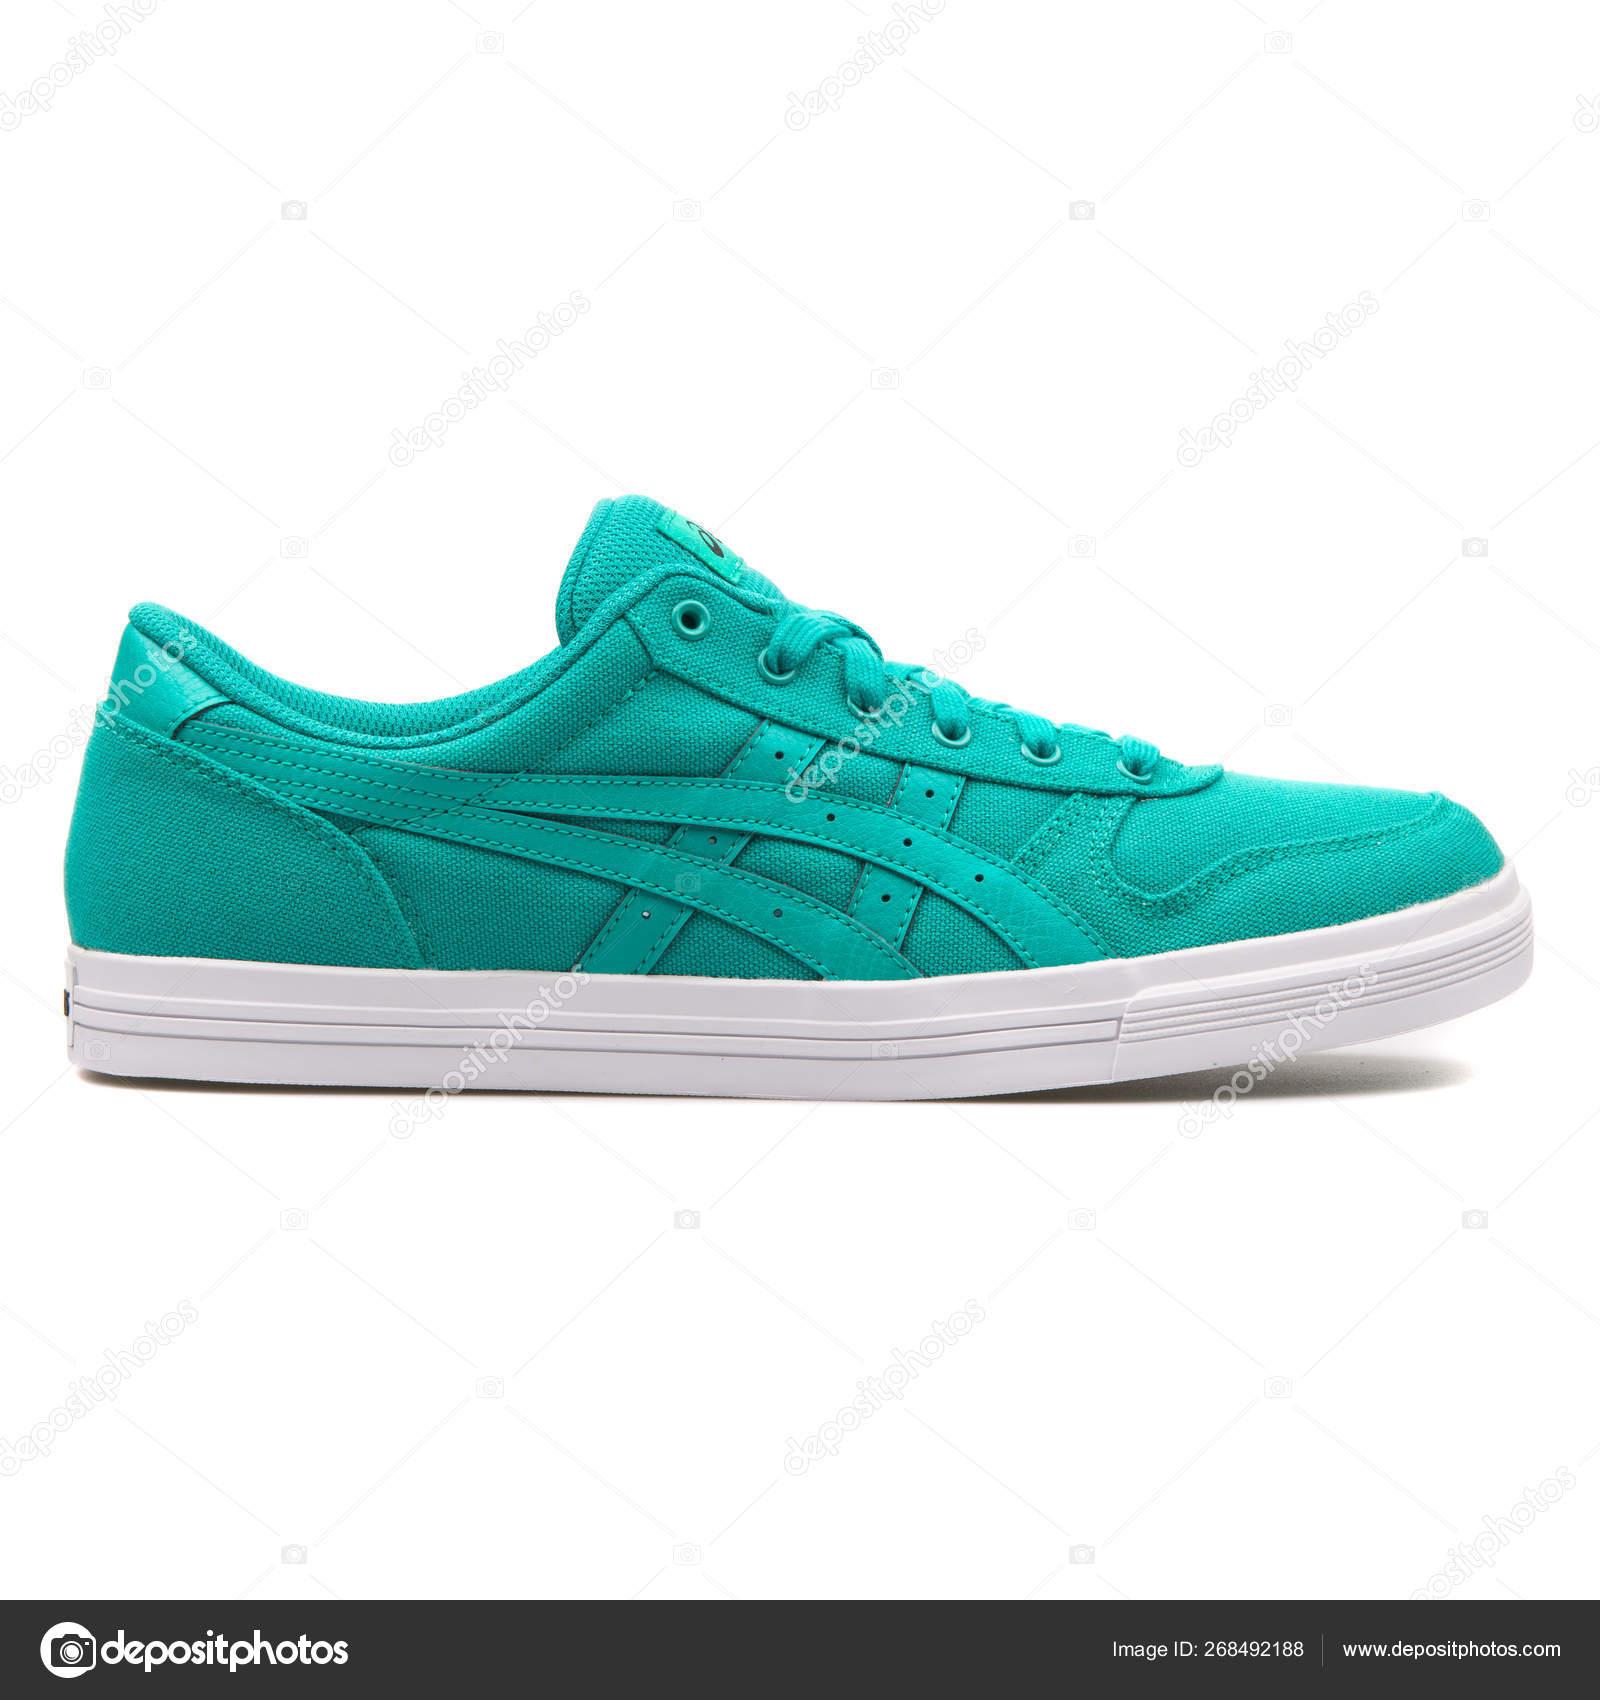 Electrónico navegador Menstruación  Asics Aaron green sneaker – Stock Editorial Photo © xMarshallfilms  #268492188